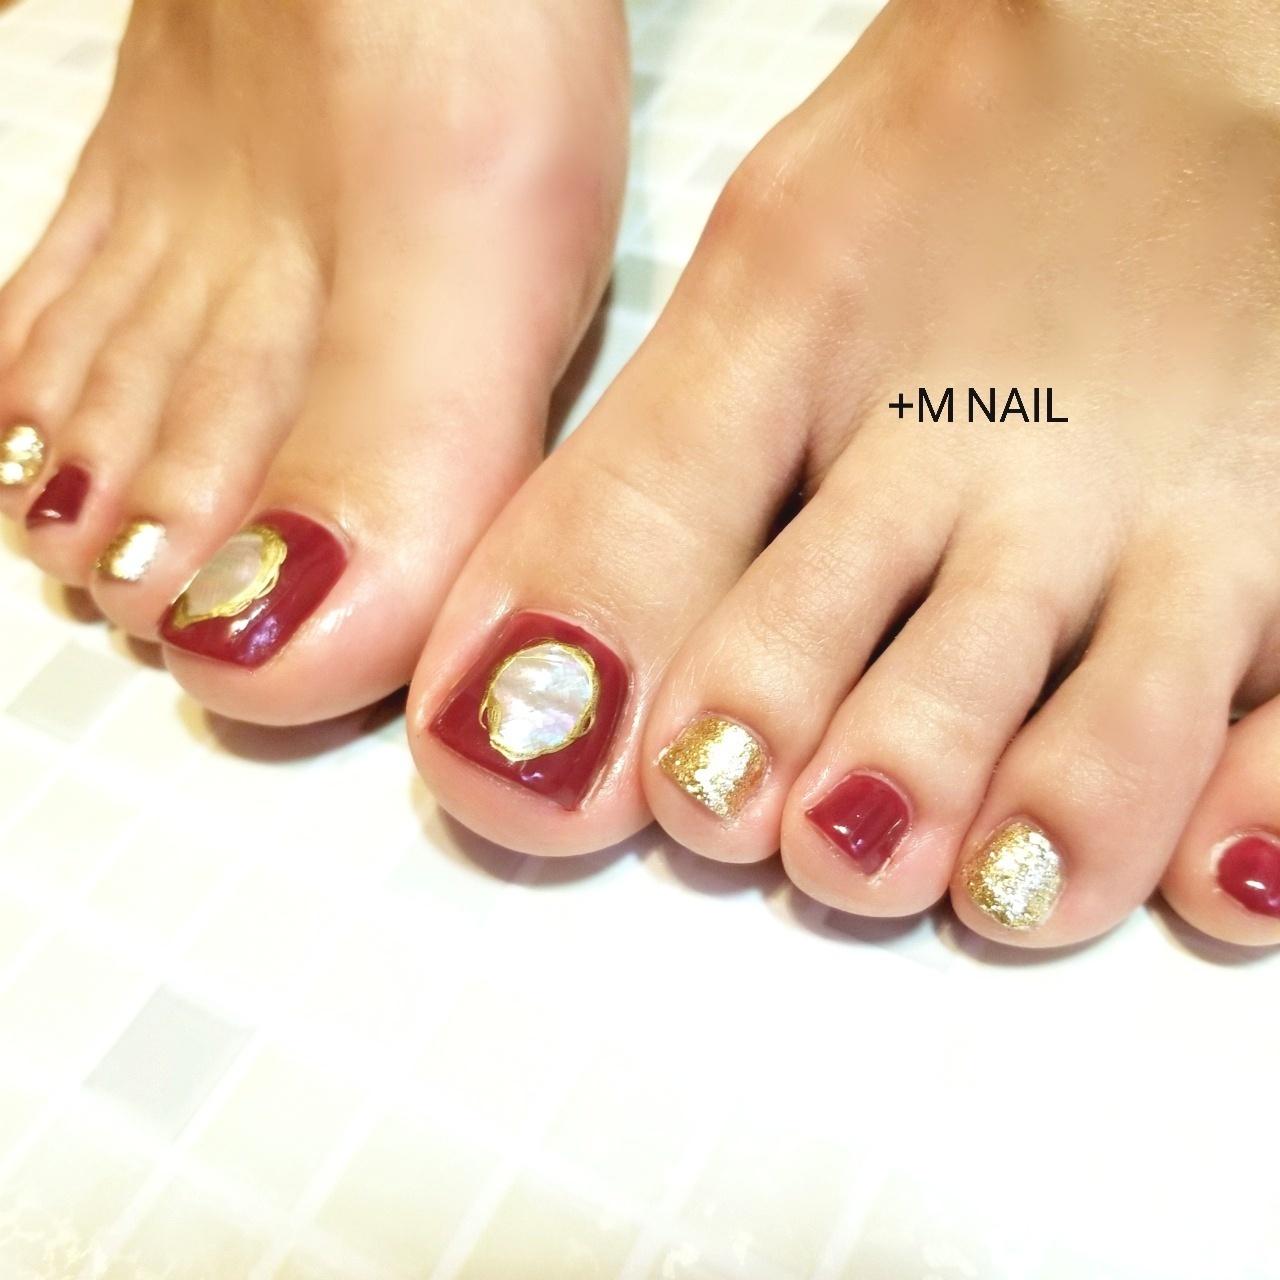 #nails #ジェル #ジェルネイル #ネイル #ネイルサロン #ネイルデザイン #大人ネイル #大人可愛い #シェルネイル #フットネイル